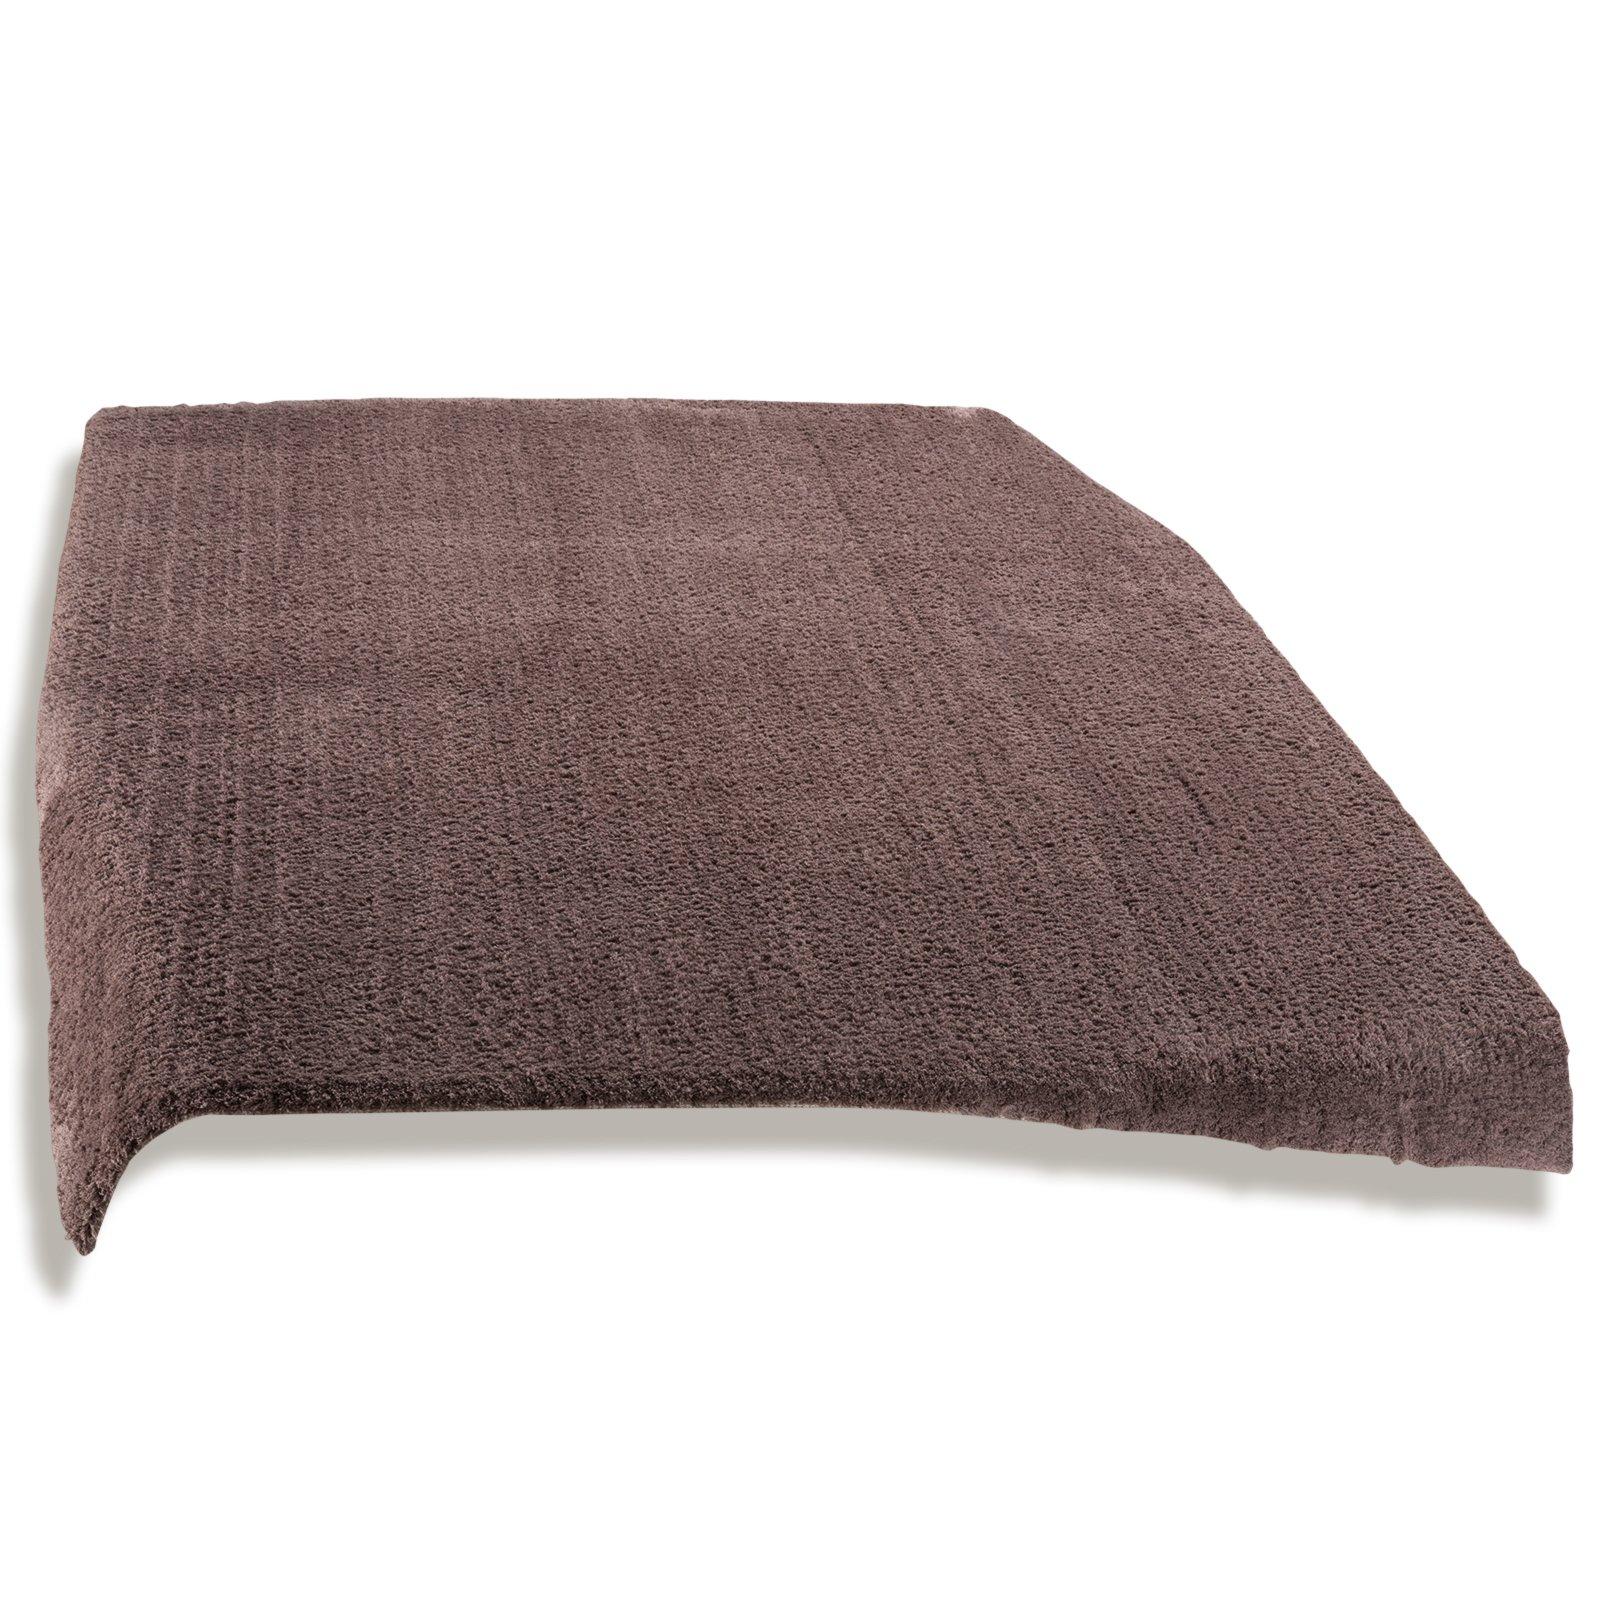 Teppich TIARA  braun  80×150 cm  Einfarbige Teppiche